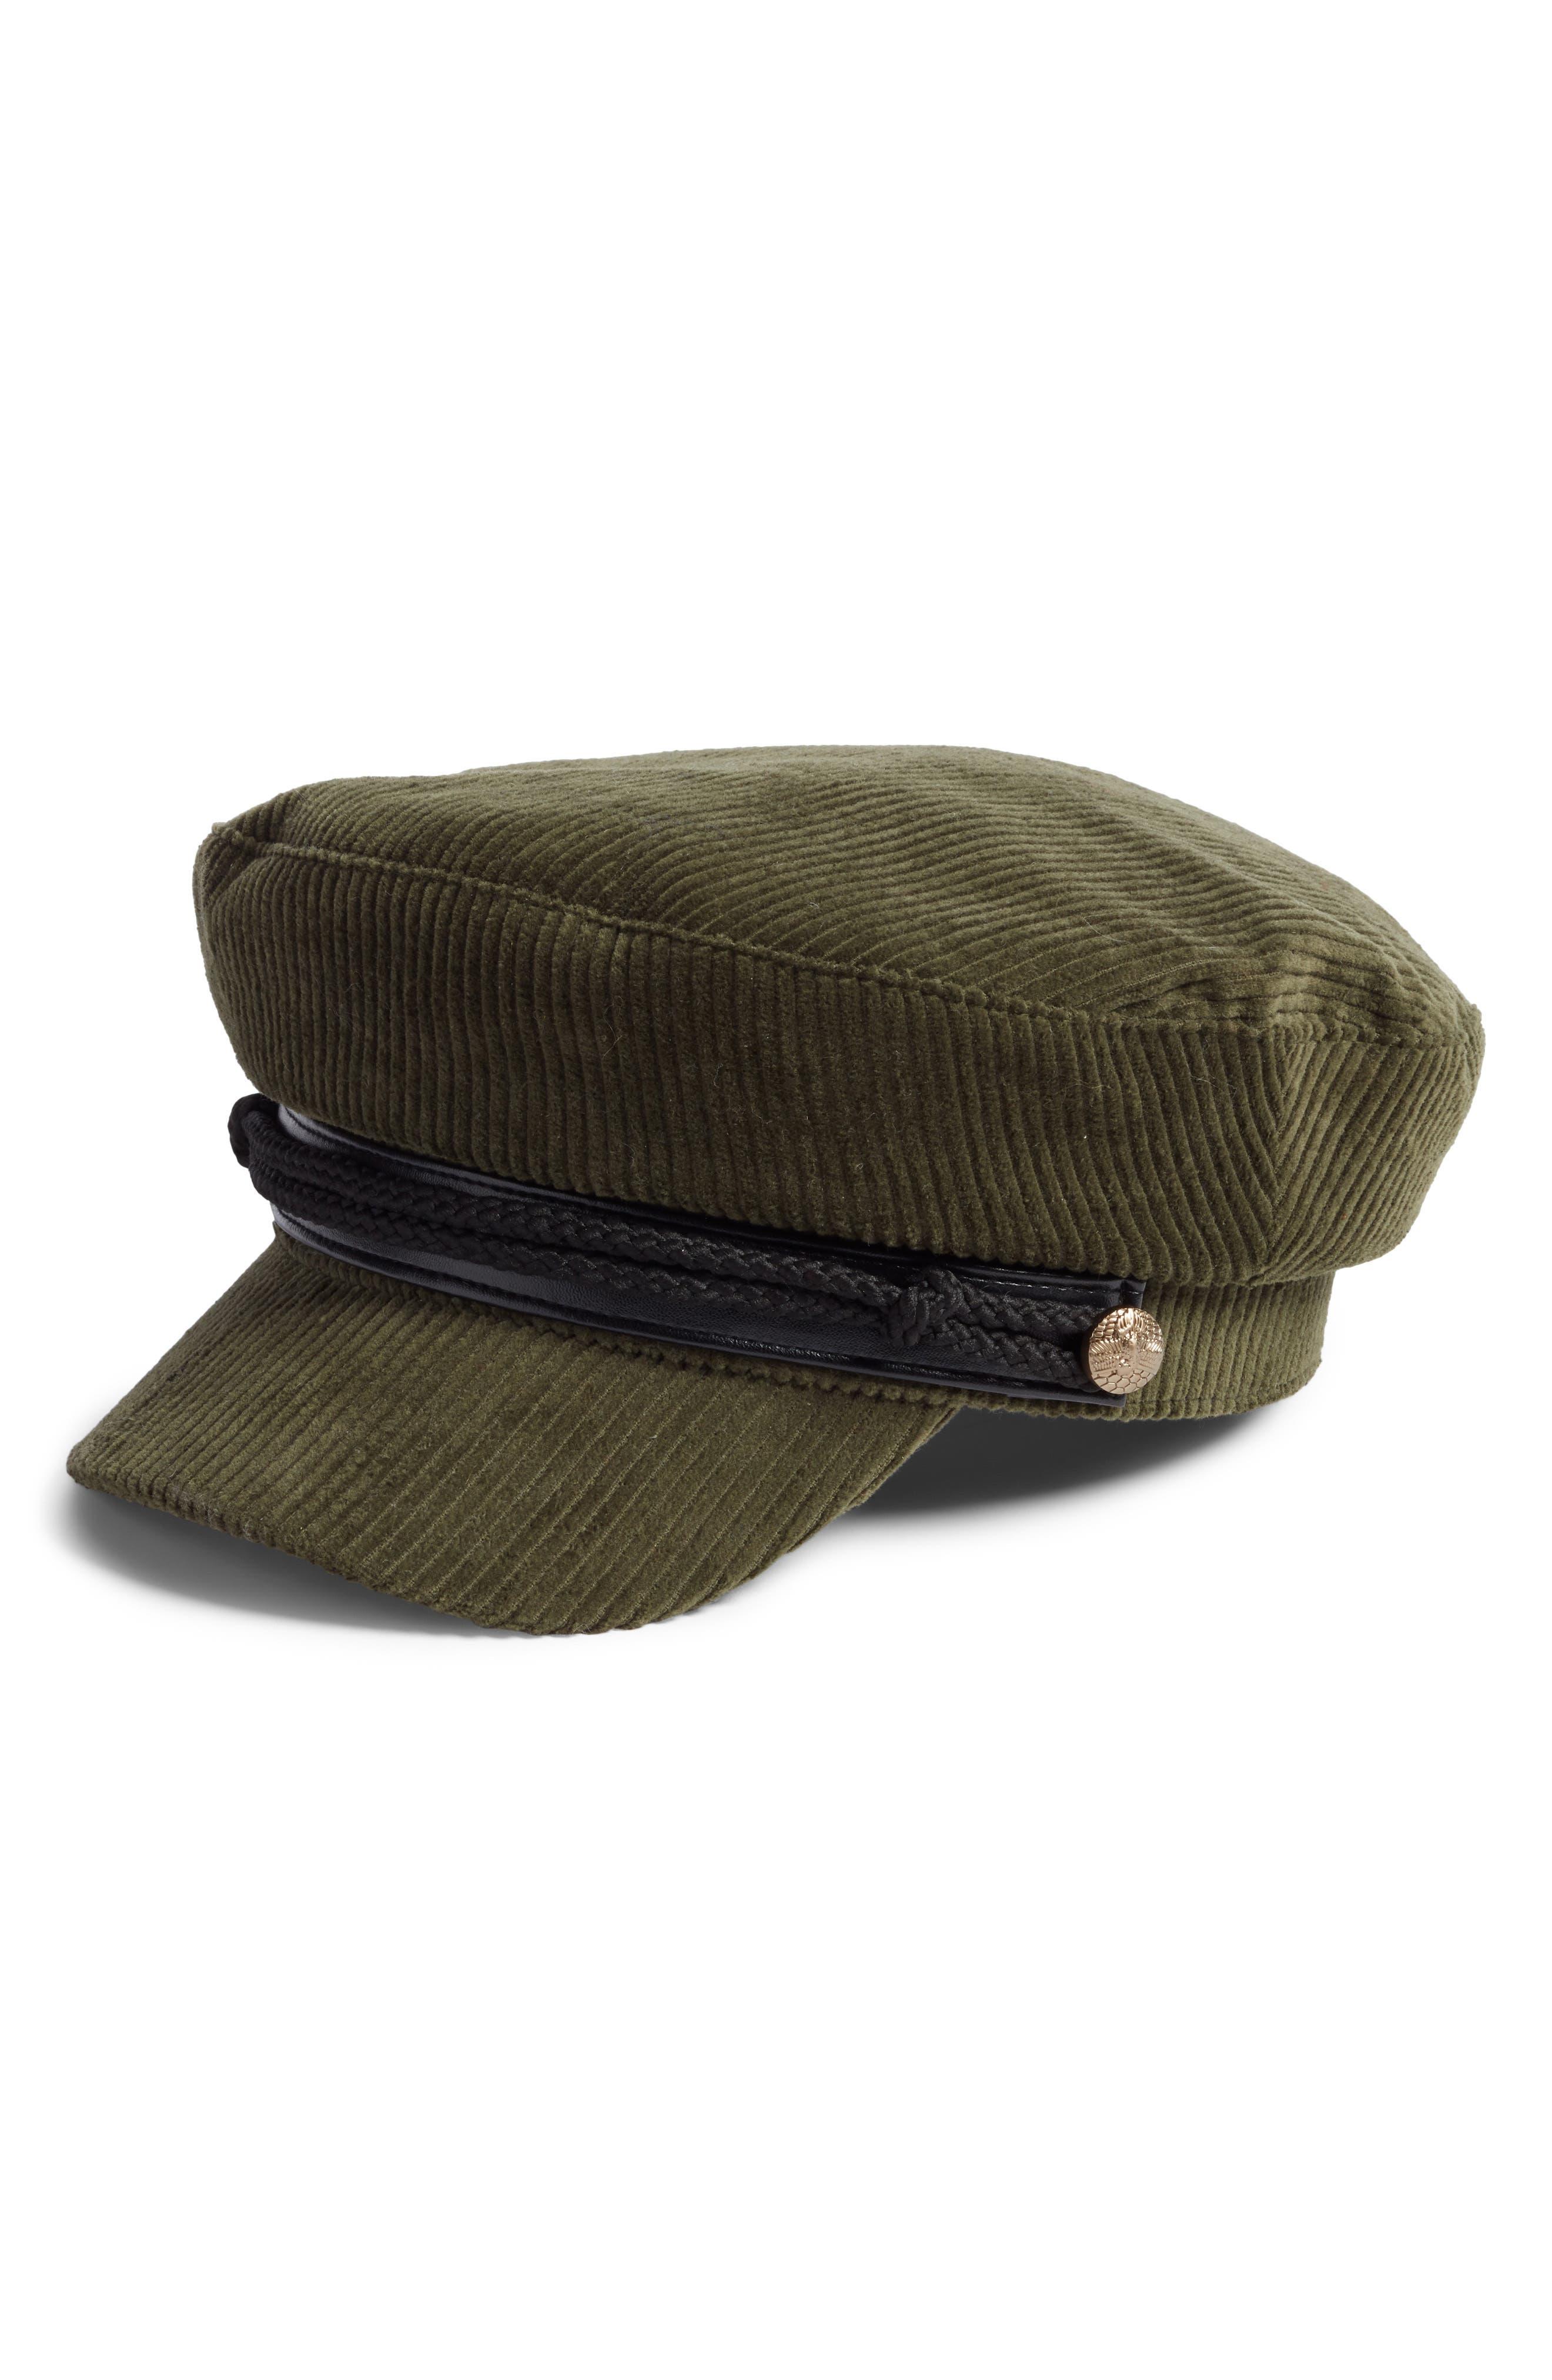 Corduroy Baker Boy Hat,                         Main,                         color, OLIVE